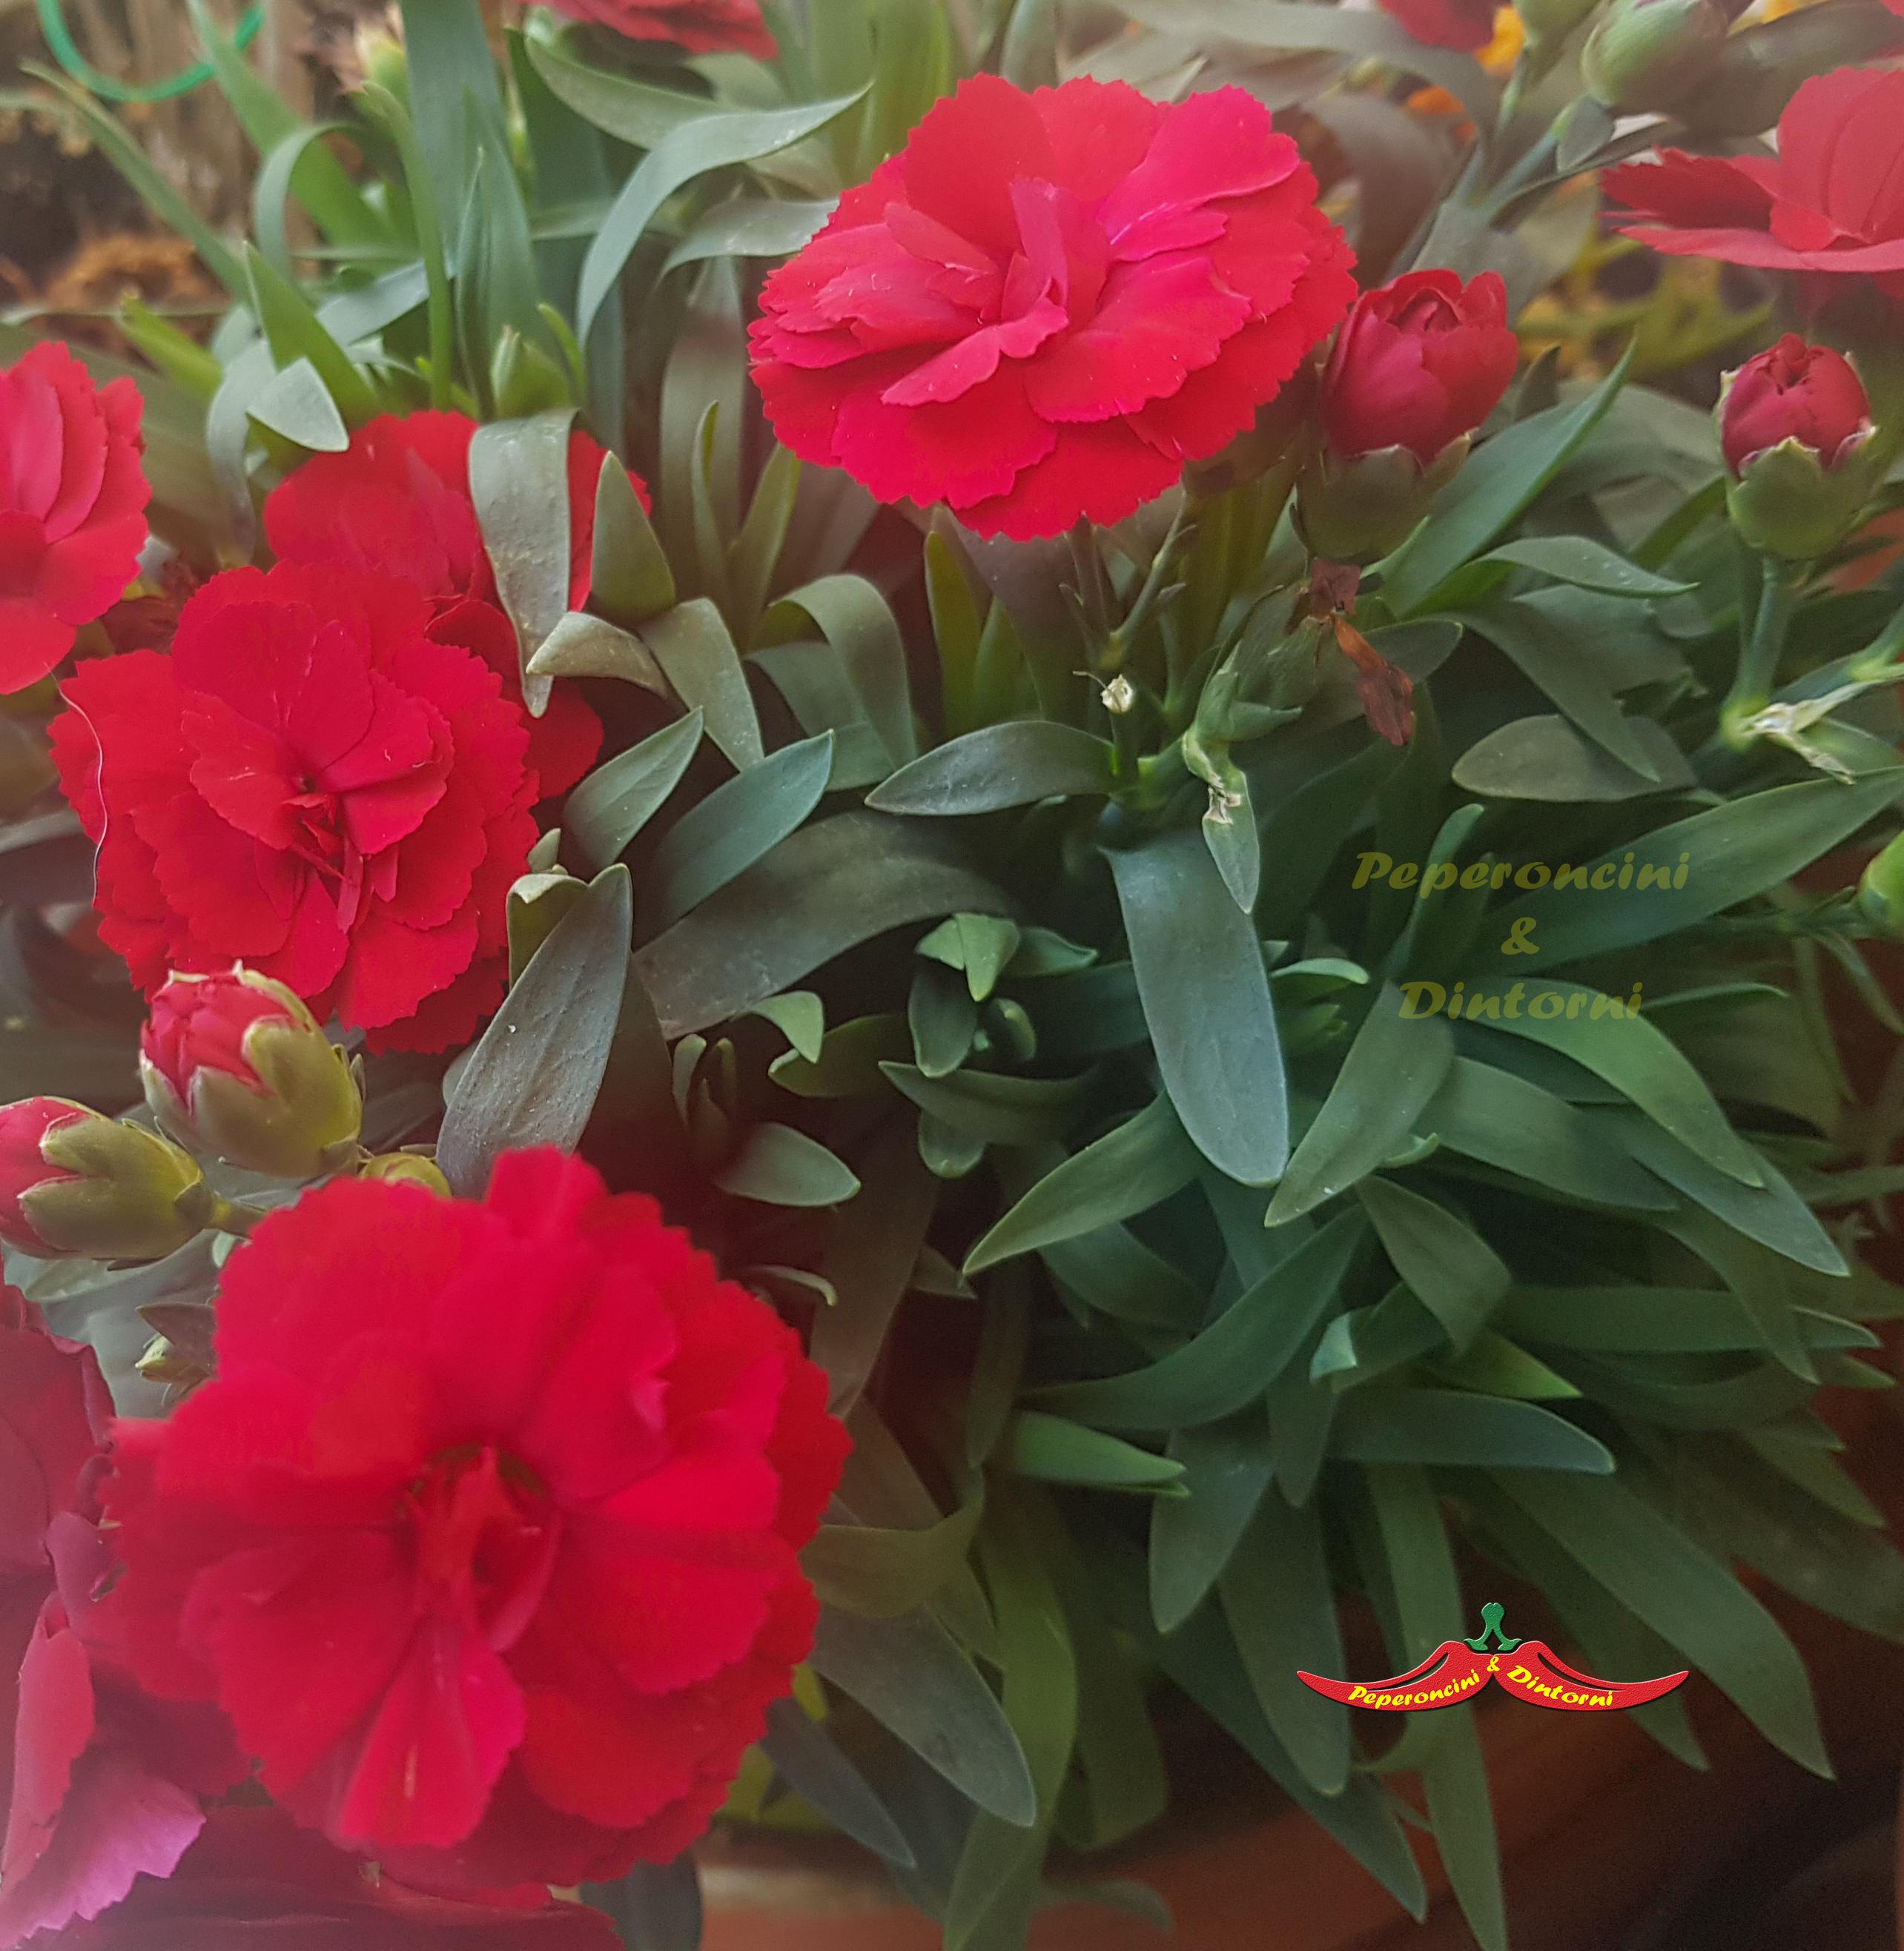 Garofano, Dianthus